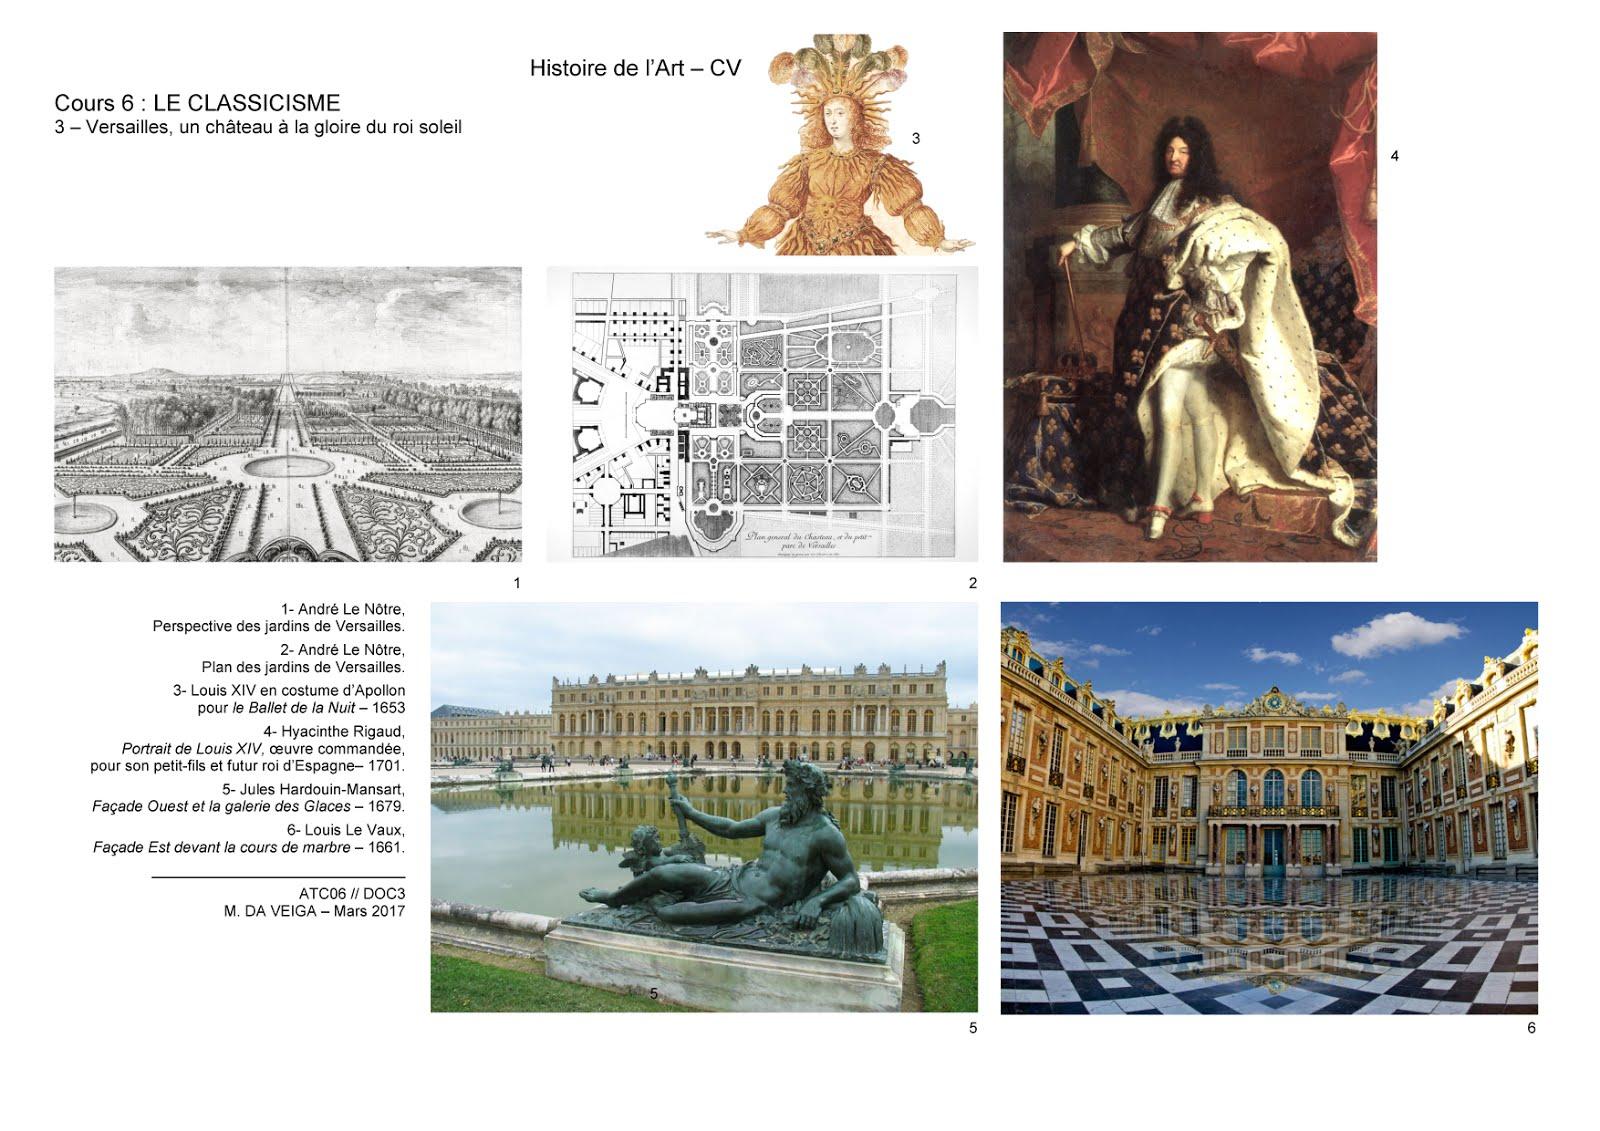 M da veiga histoire de l 39 art 1cv - Le jardin de versailles histoire des arts ...